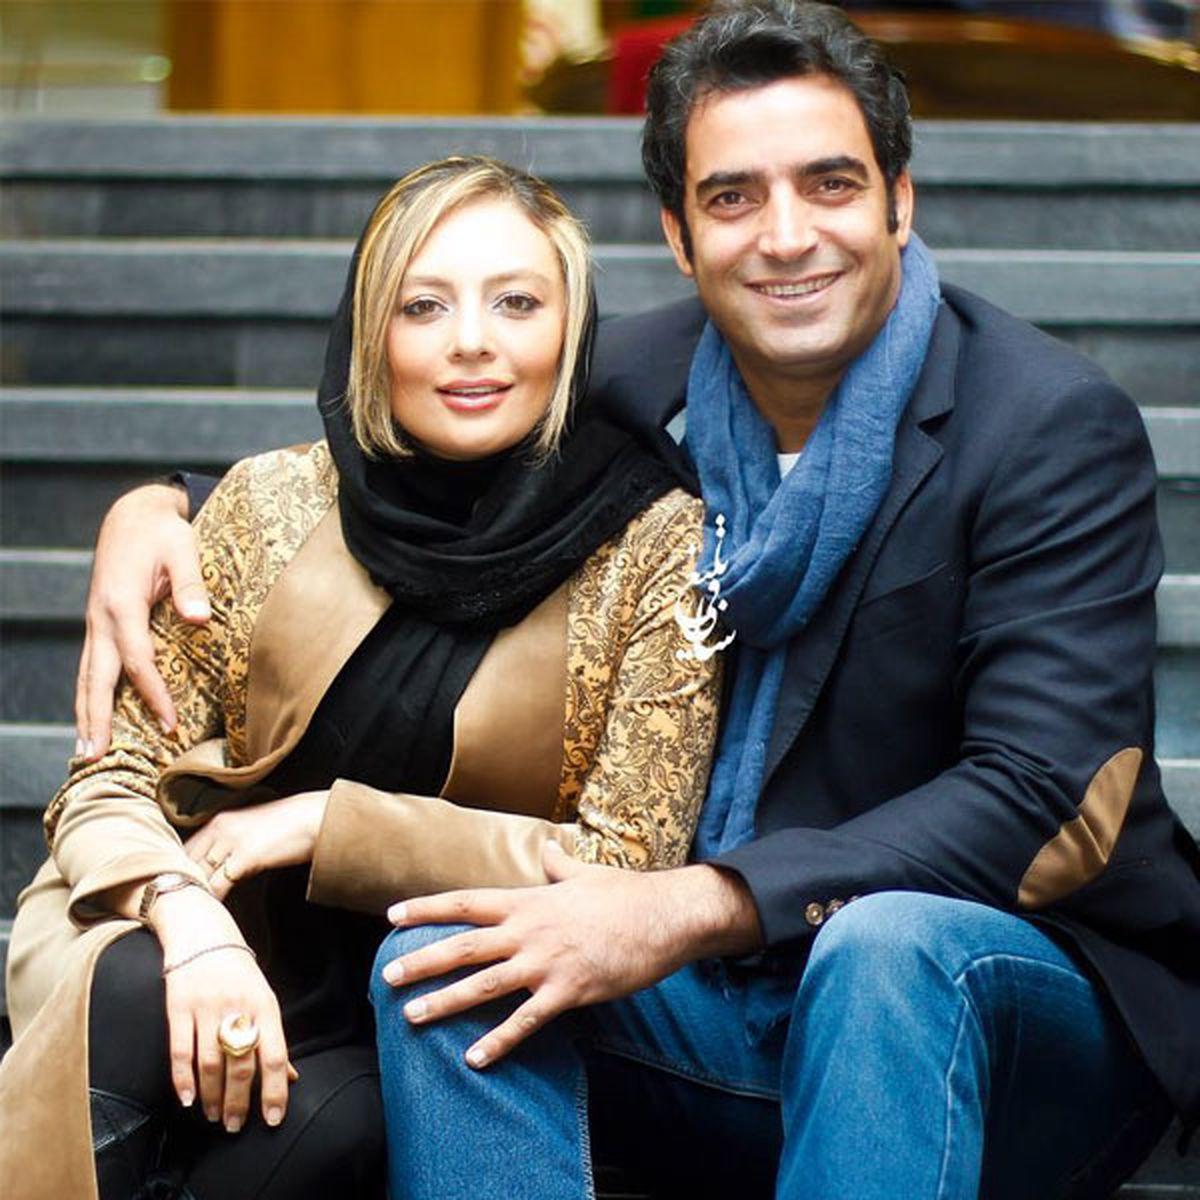 عکس لب ساحلی یکتا ناصر و عشقش   عکسهای یکتا ناصر و شوهرش